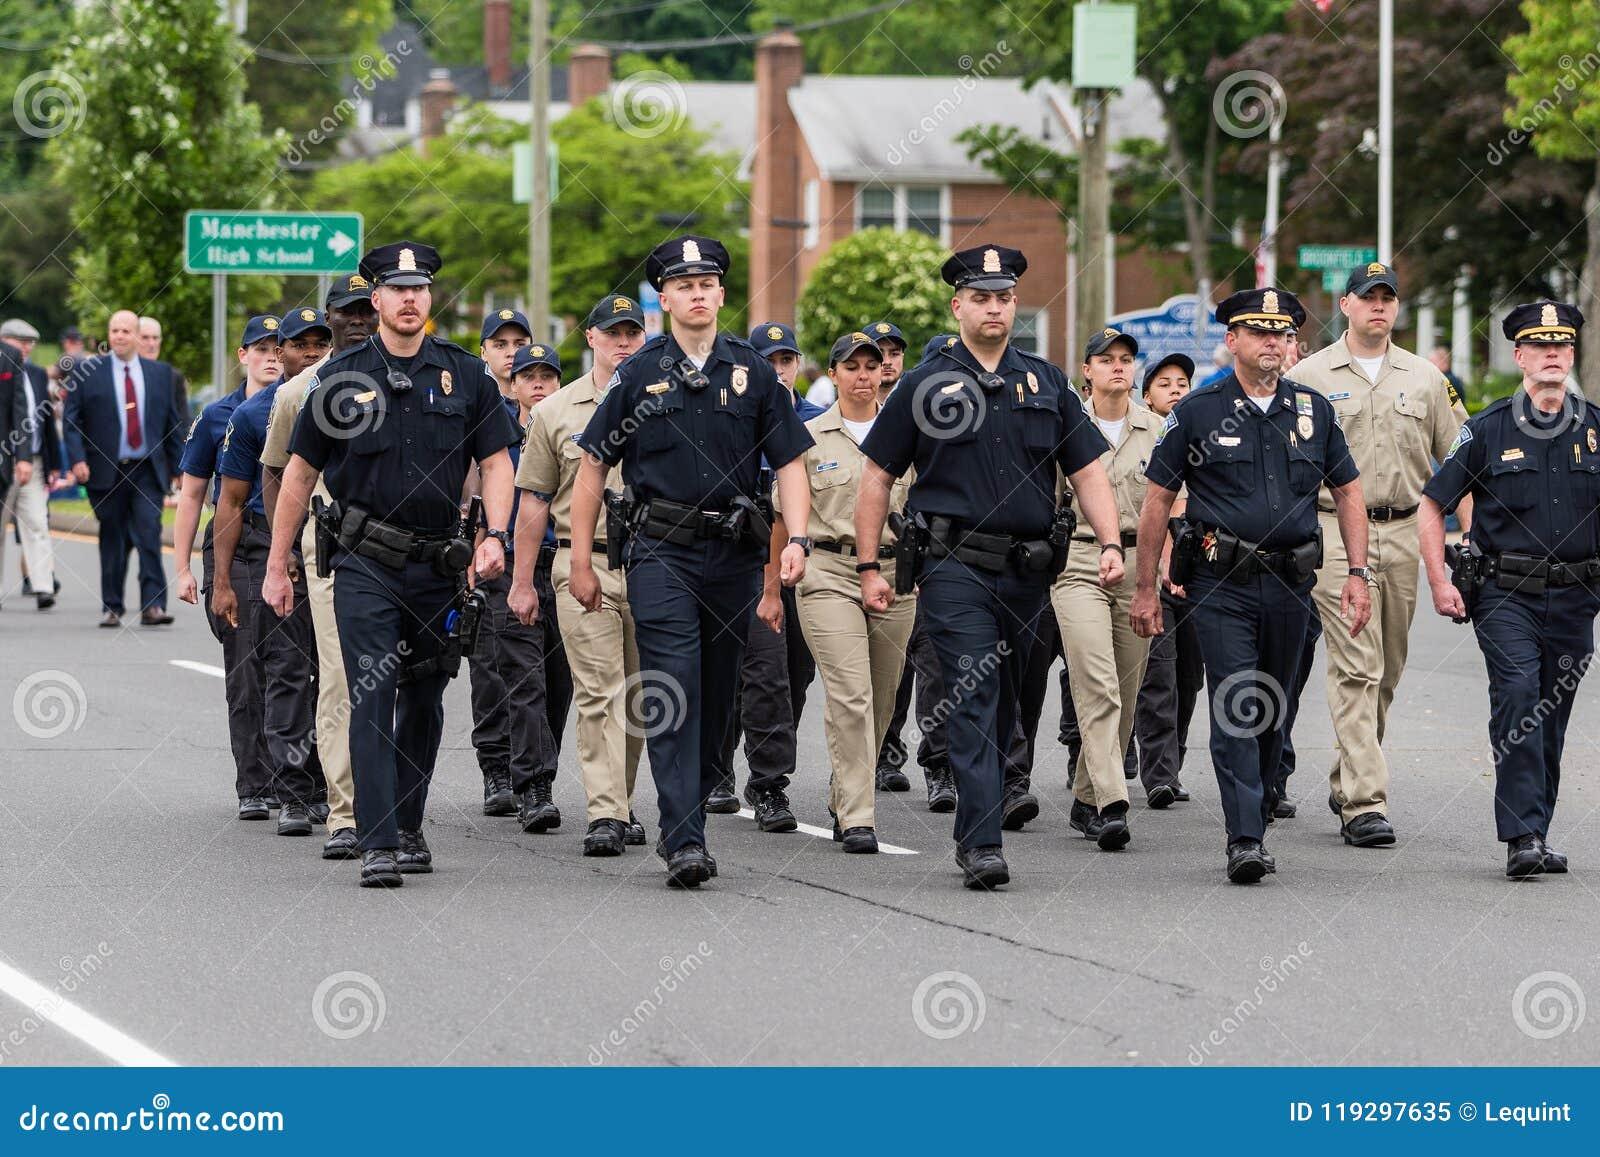 Les policiers et les cadets en uniforme pendant le défilé marchent